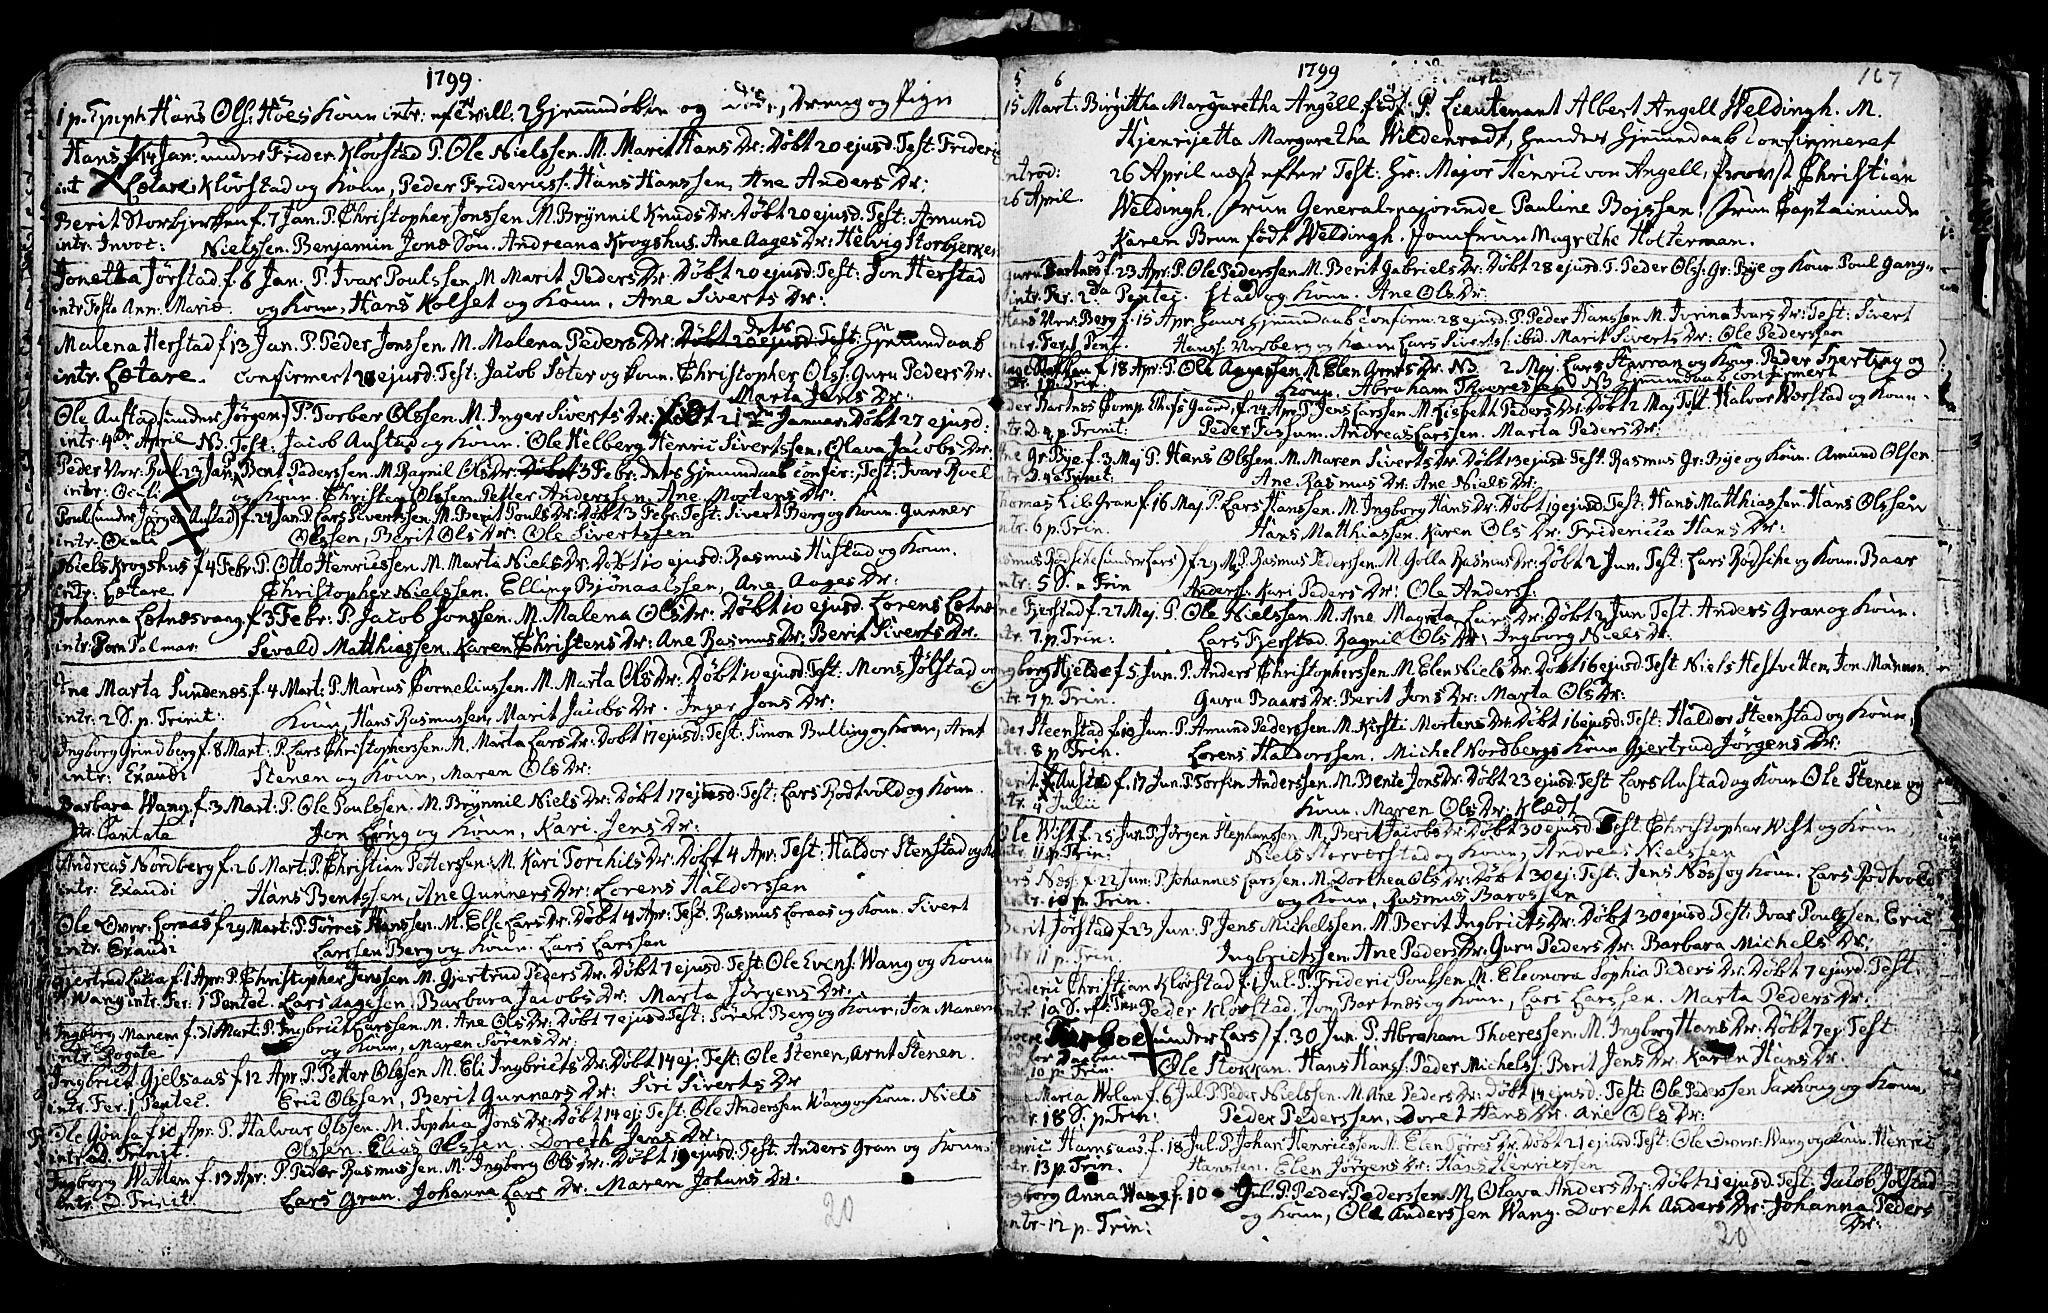 SAT, Ministerialprotokoller, klokkerbøker og fødselsregistre - Nord-Trøndelag, 730/L0273: Ministerialbok nr. 730A02, 1762-1802, s. 167